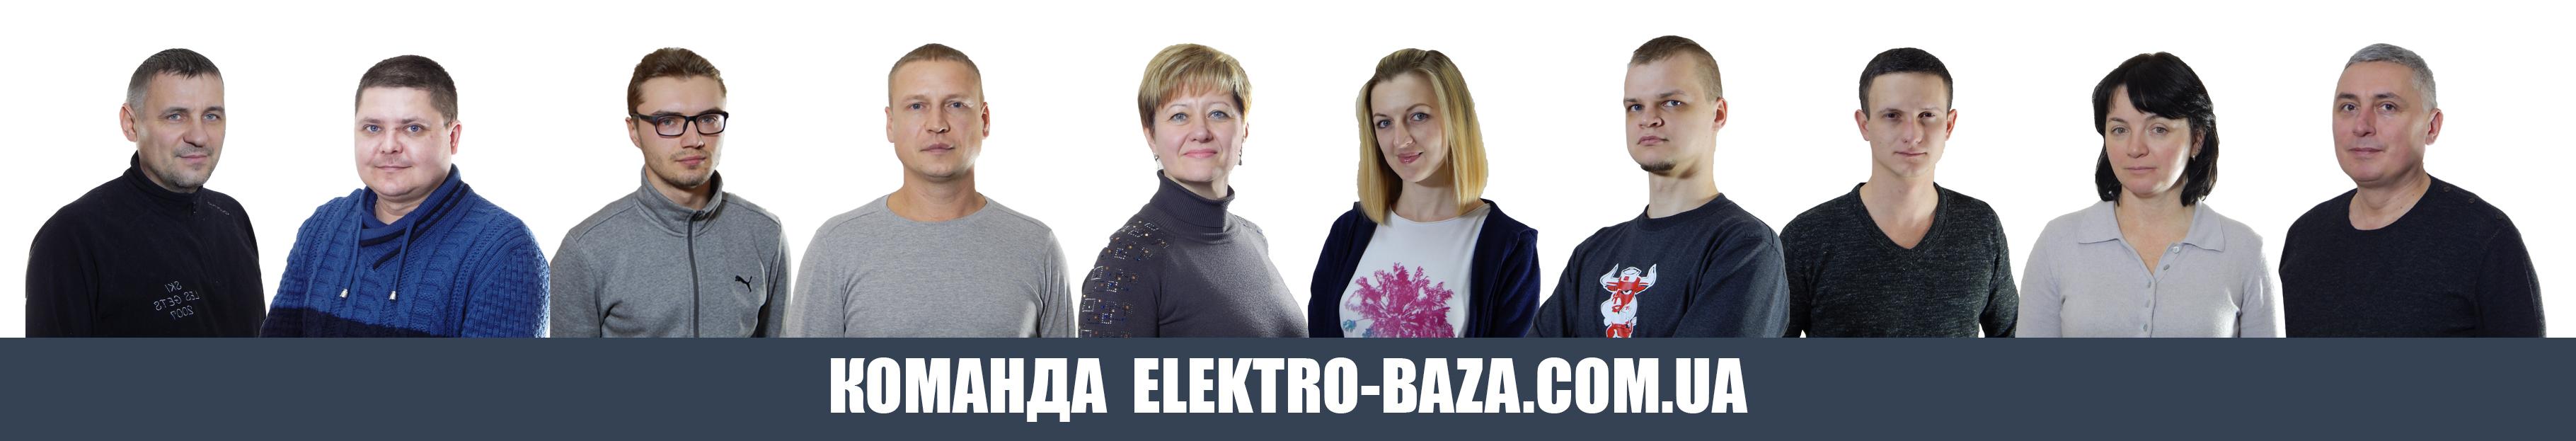 Команда Elektro-baza.com.ua